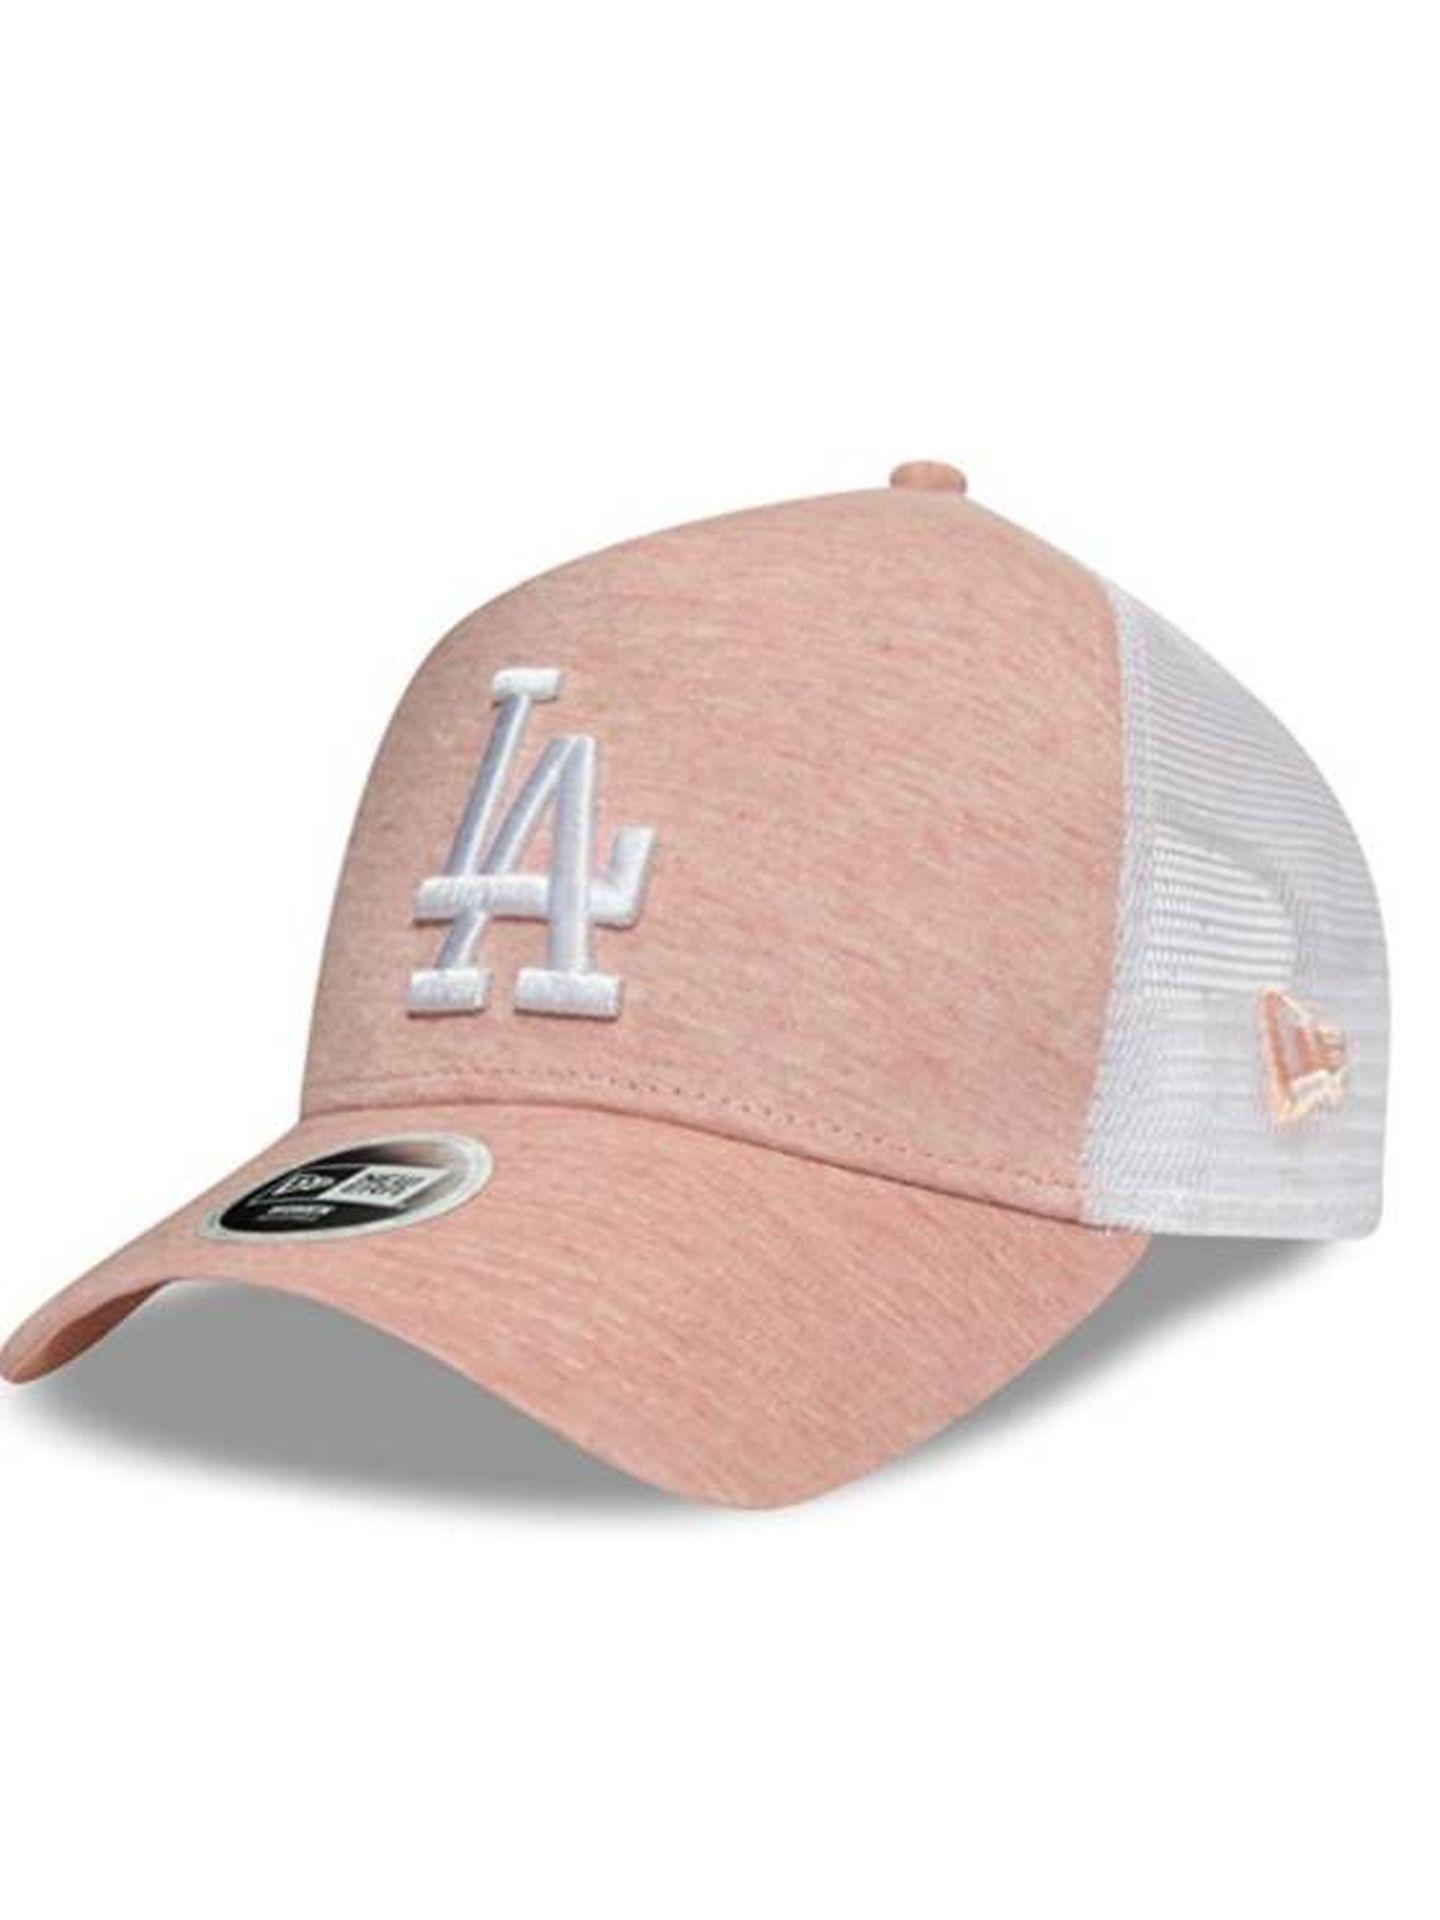 Gorra de New Era. (Cortesía)